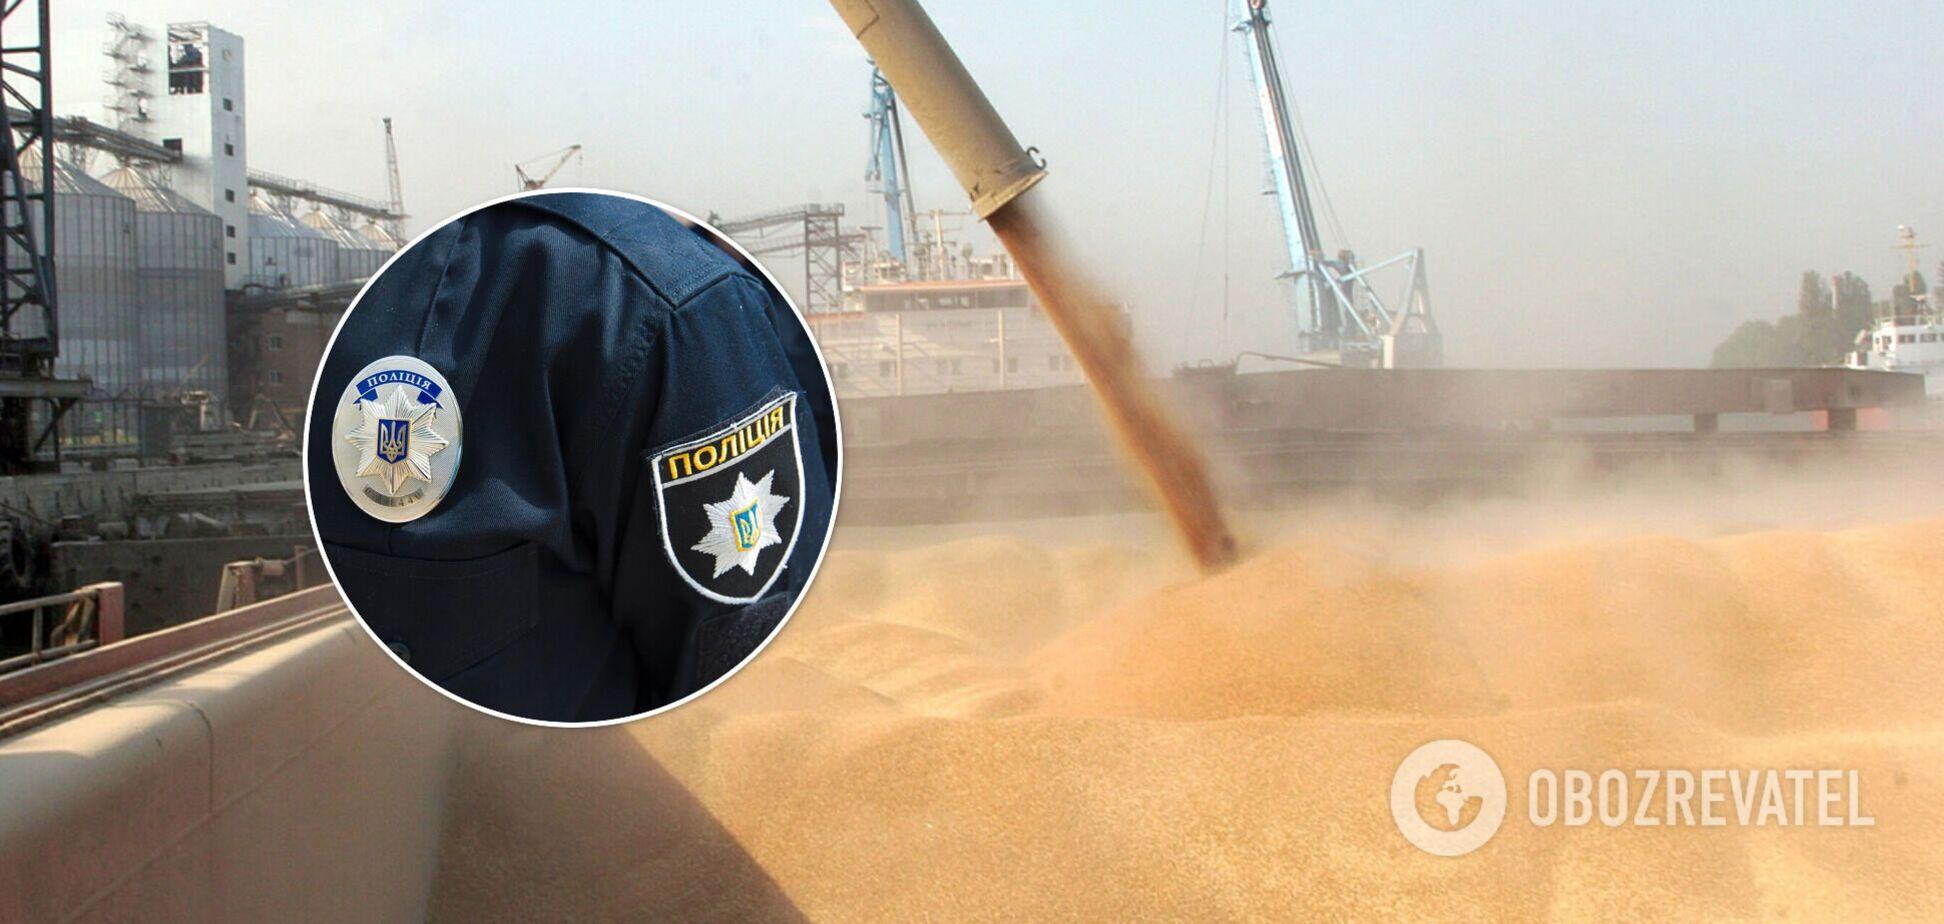 Нацполиция Украины расследует преступную связь зернотрейдеров и транспортных компаний